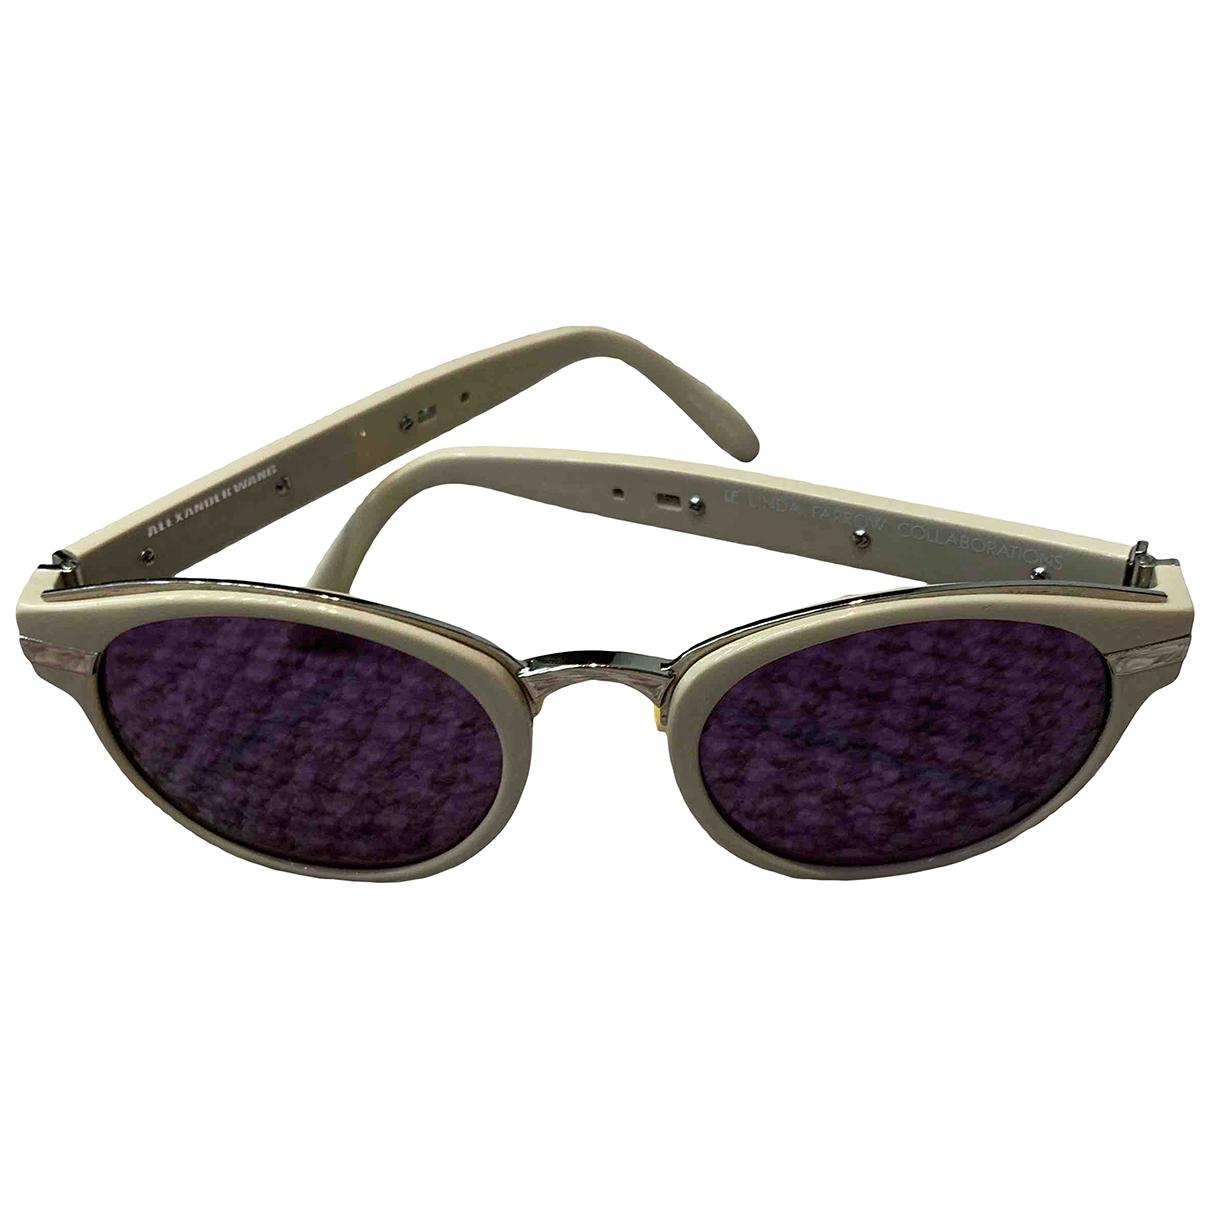 Alexander Wang \N Sonnenbrillen in  Beige Kunststoff